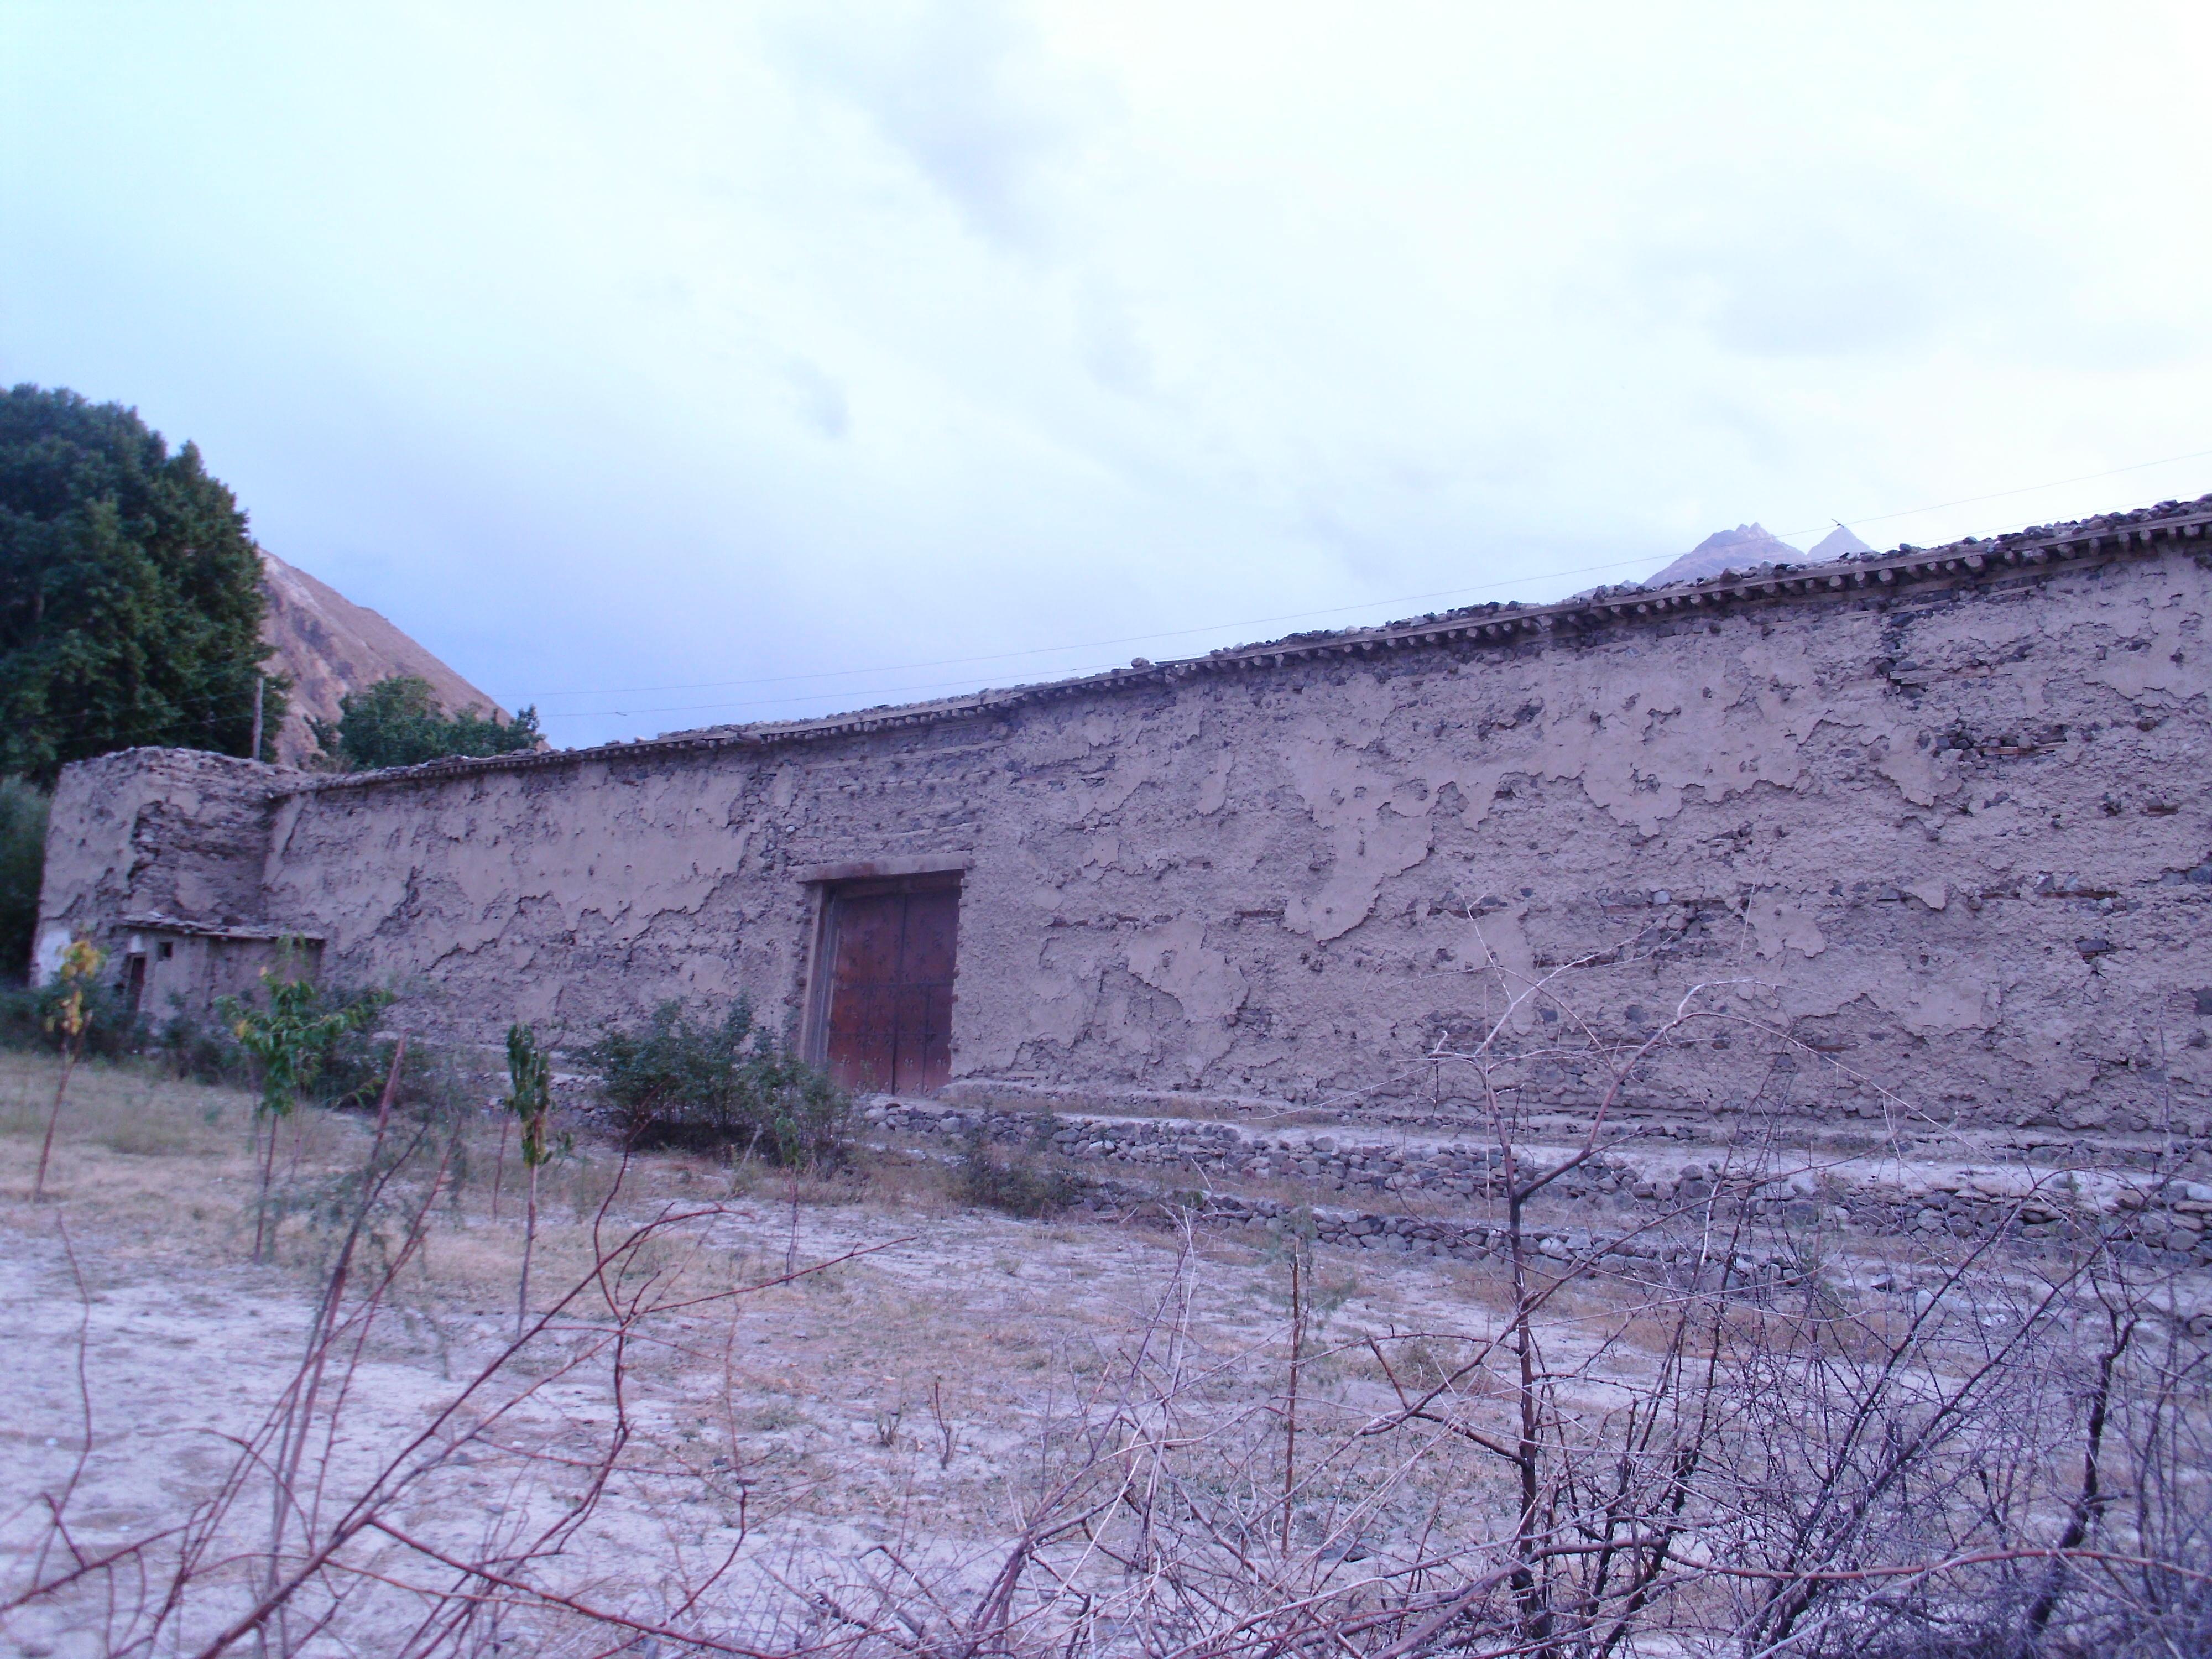 فکر فردا ۔۔۔۔۔۔ قلعہ مستوج تباہی کے دہانے پر